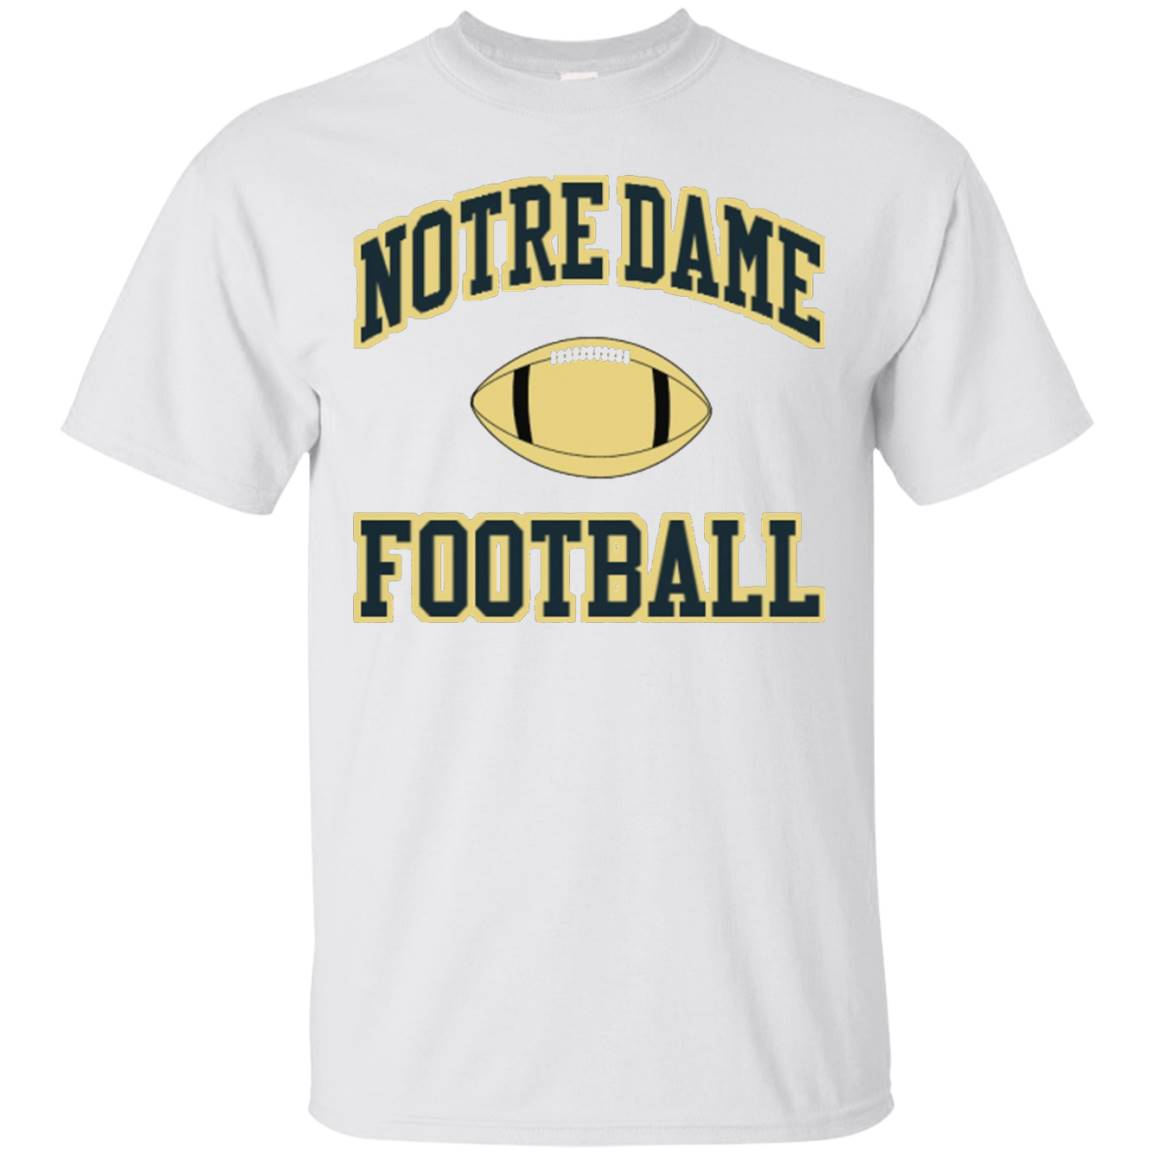 Notre Dame Football T-Shirt